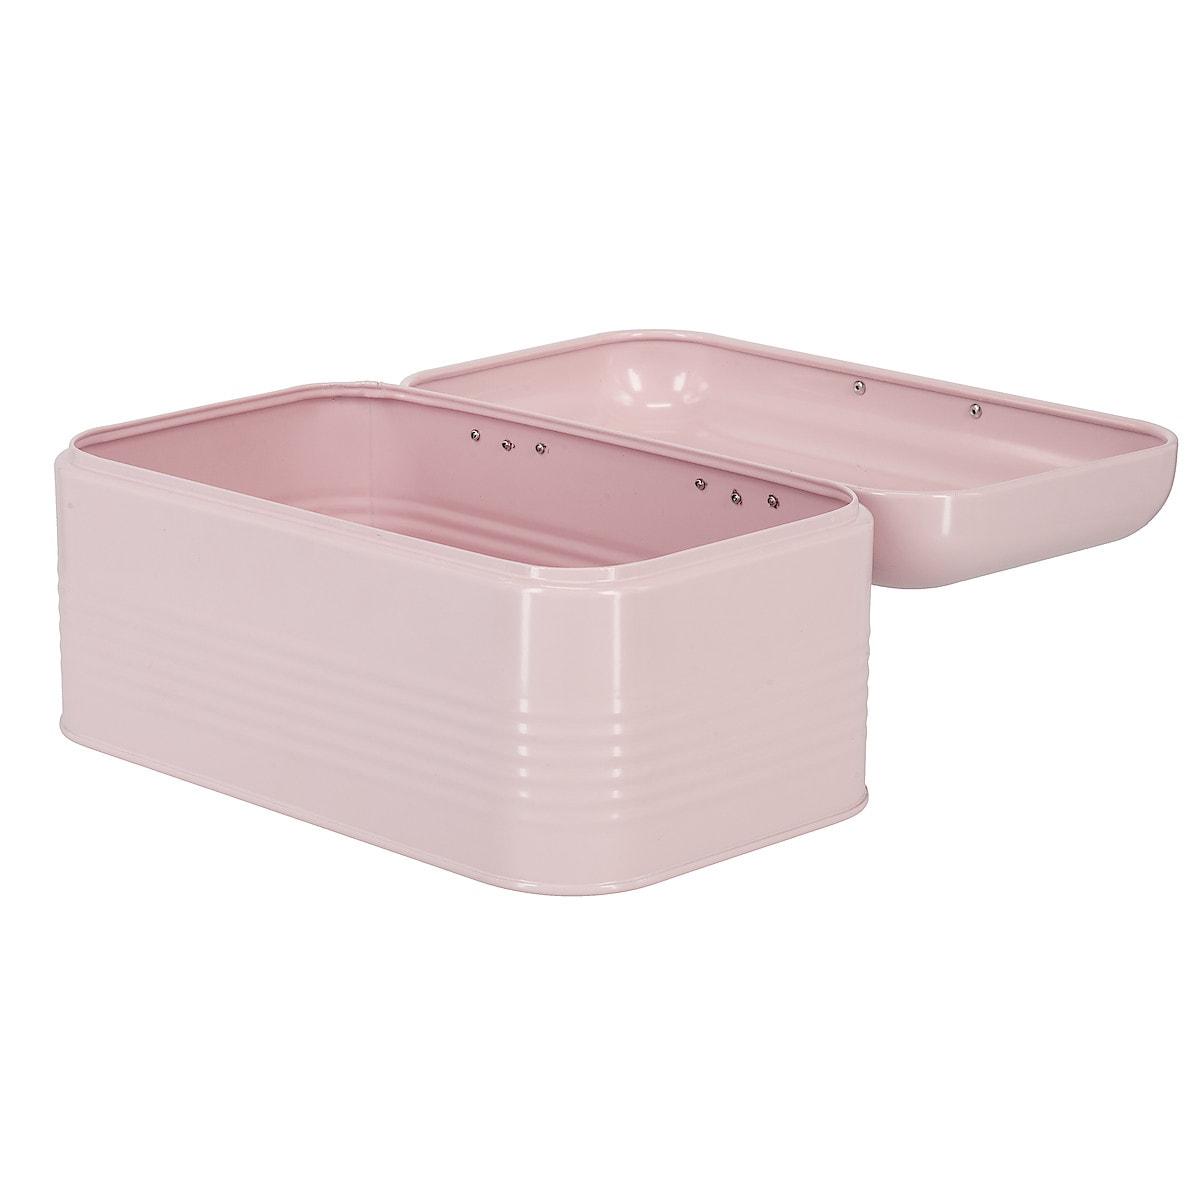 Brödbox liten, rosa/guld